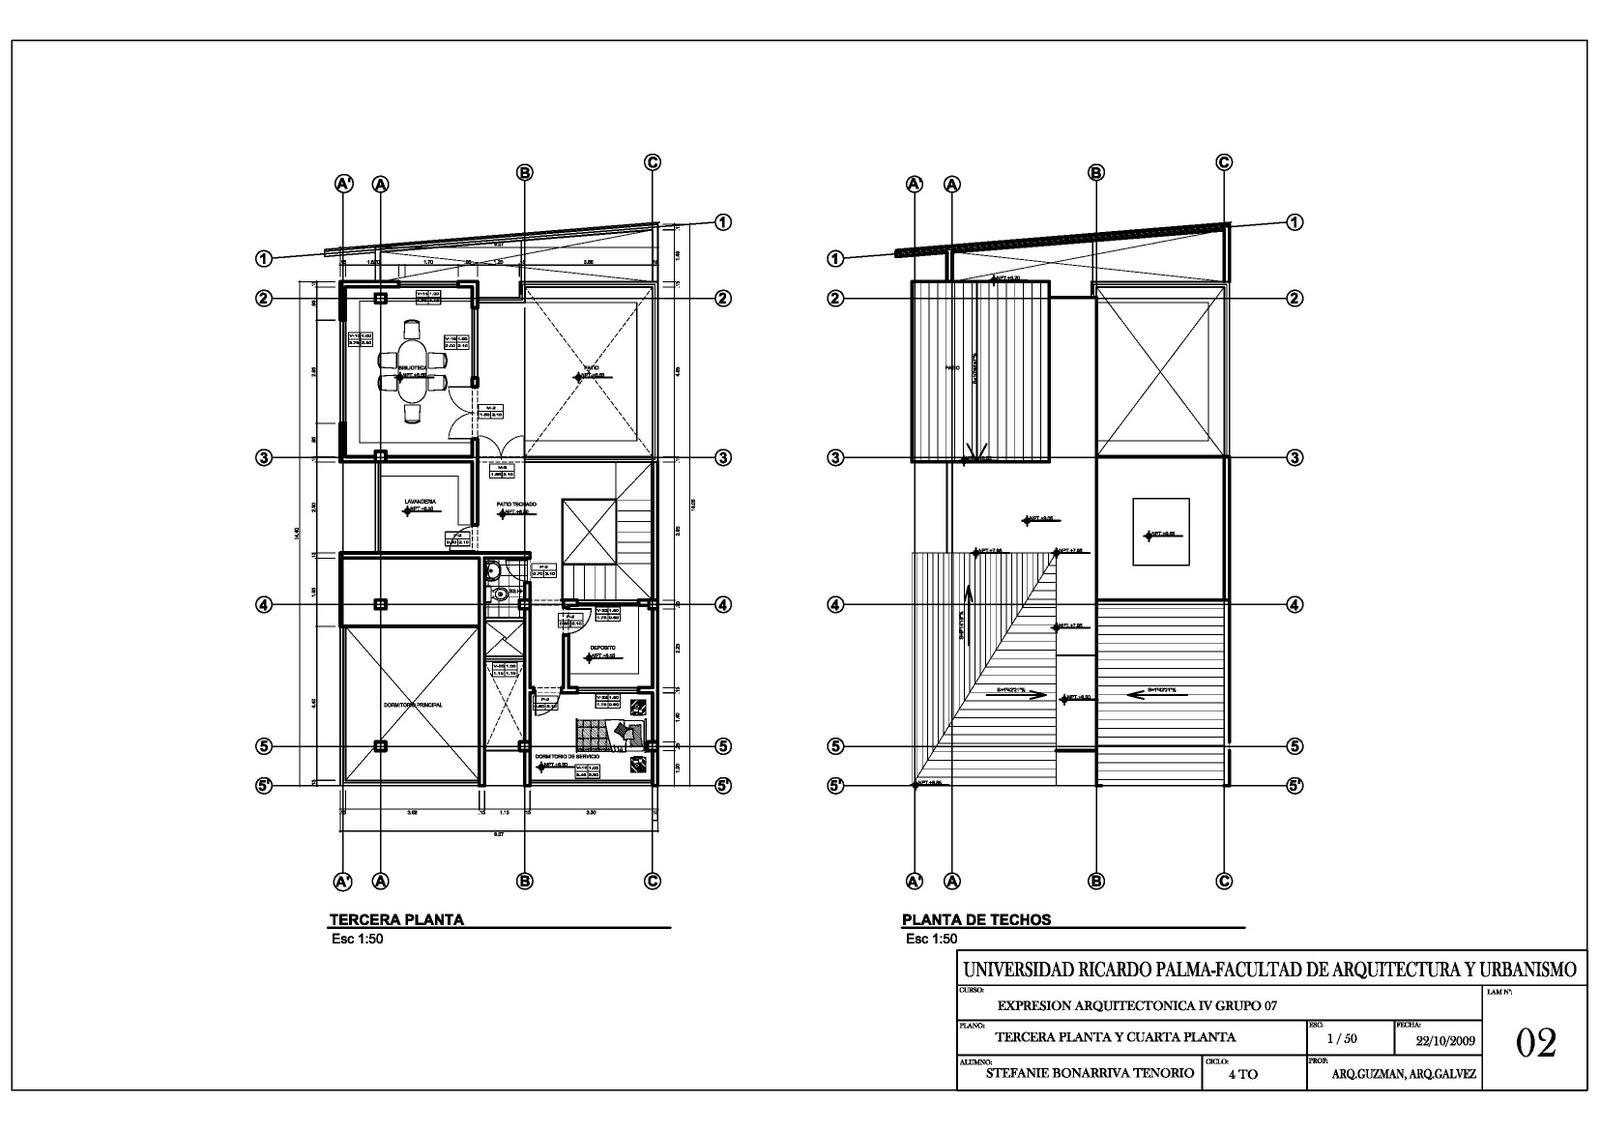 Planos generales clave y numero de escala en planos for Planos arquitectonicos pdf